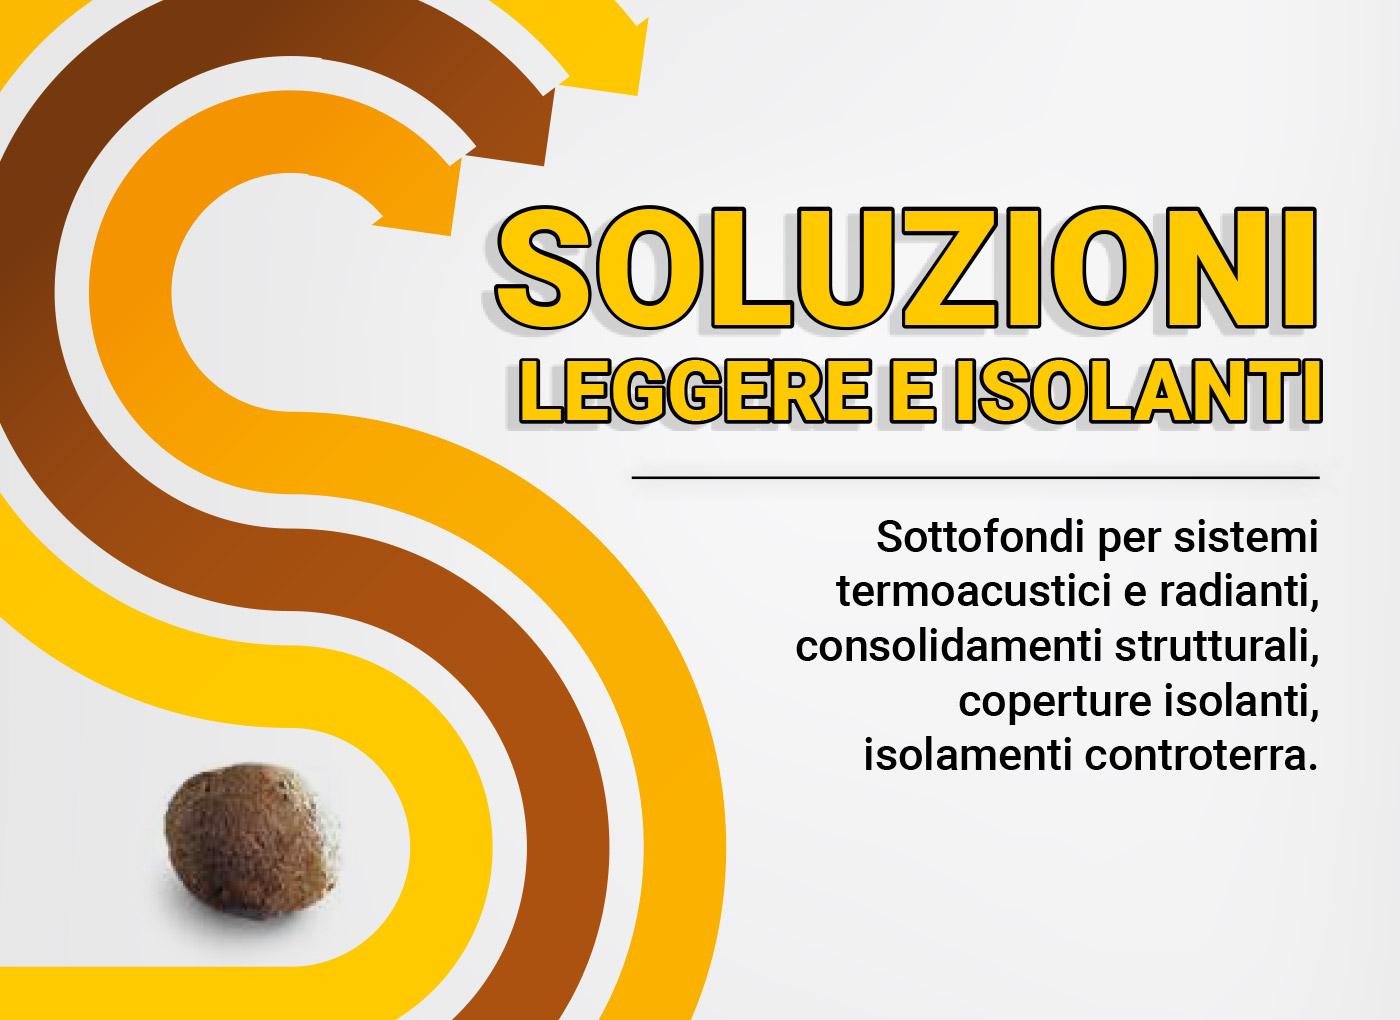 brochure-sottofondi-soluzioni-leggere-isolanti